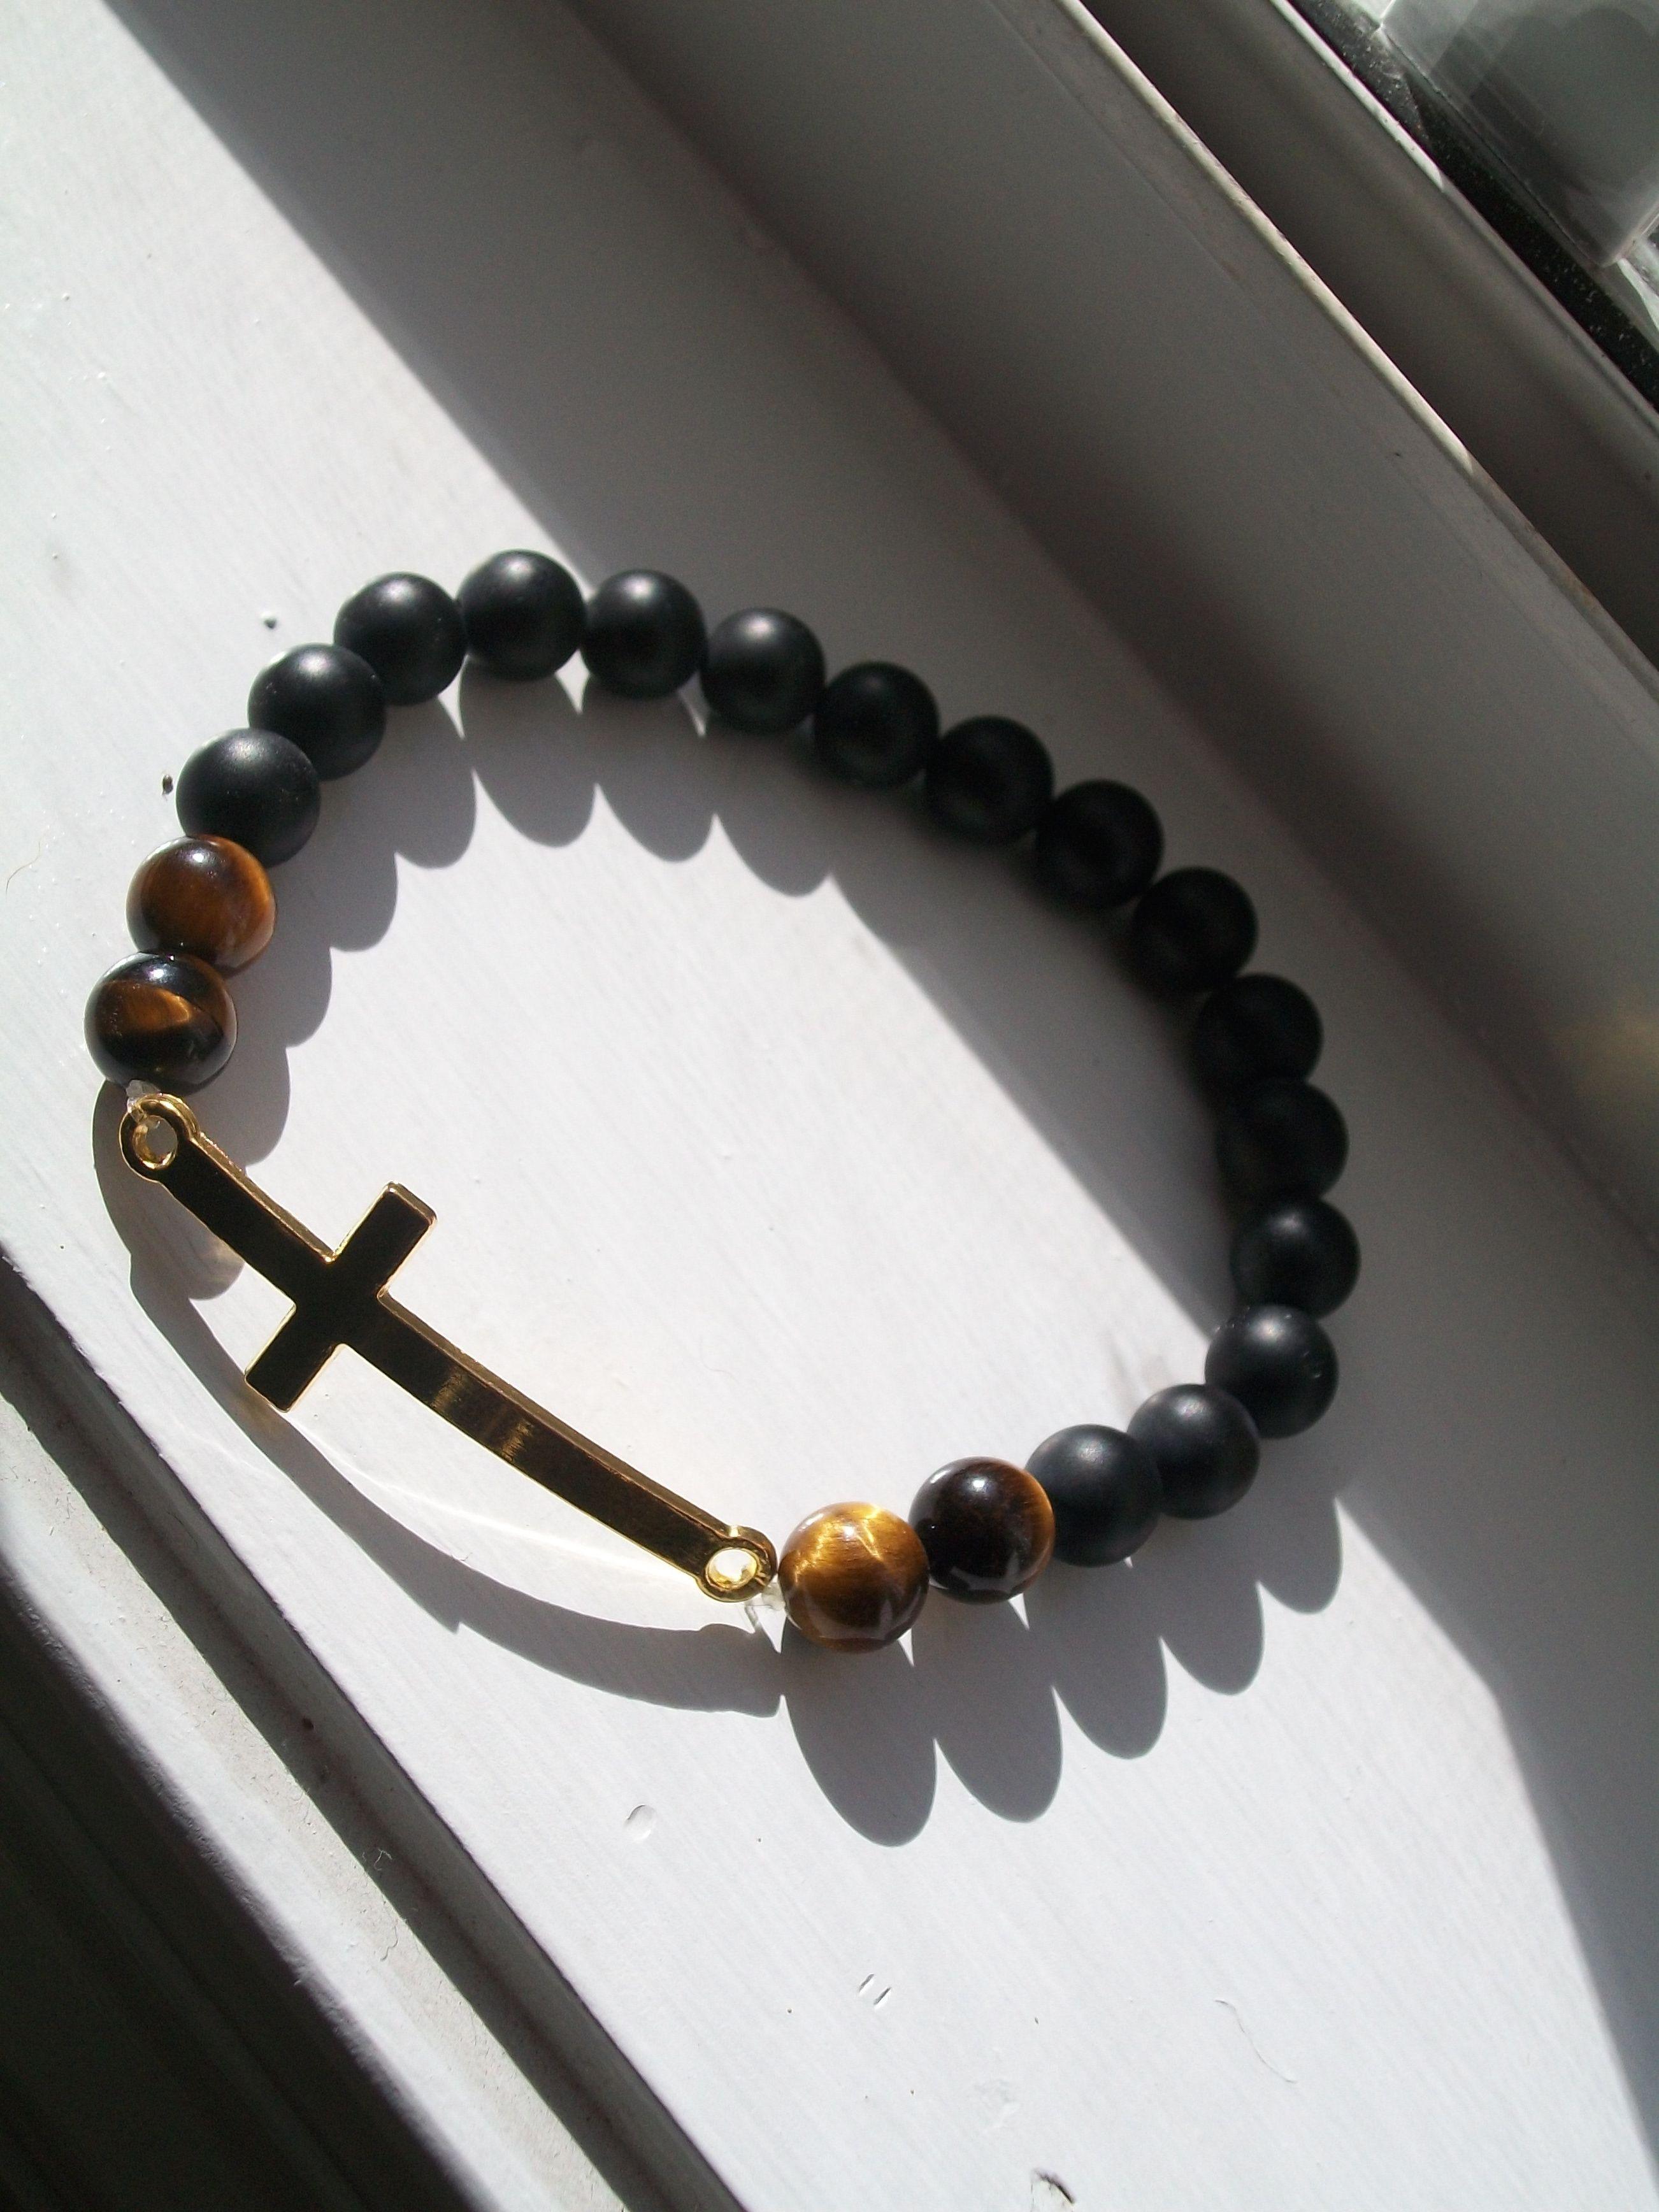 Golden Cross, Tiger Eye Beads, and Matte Beads.